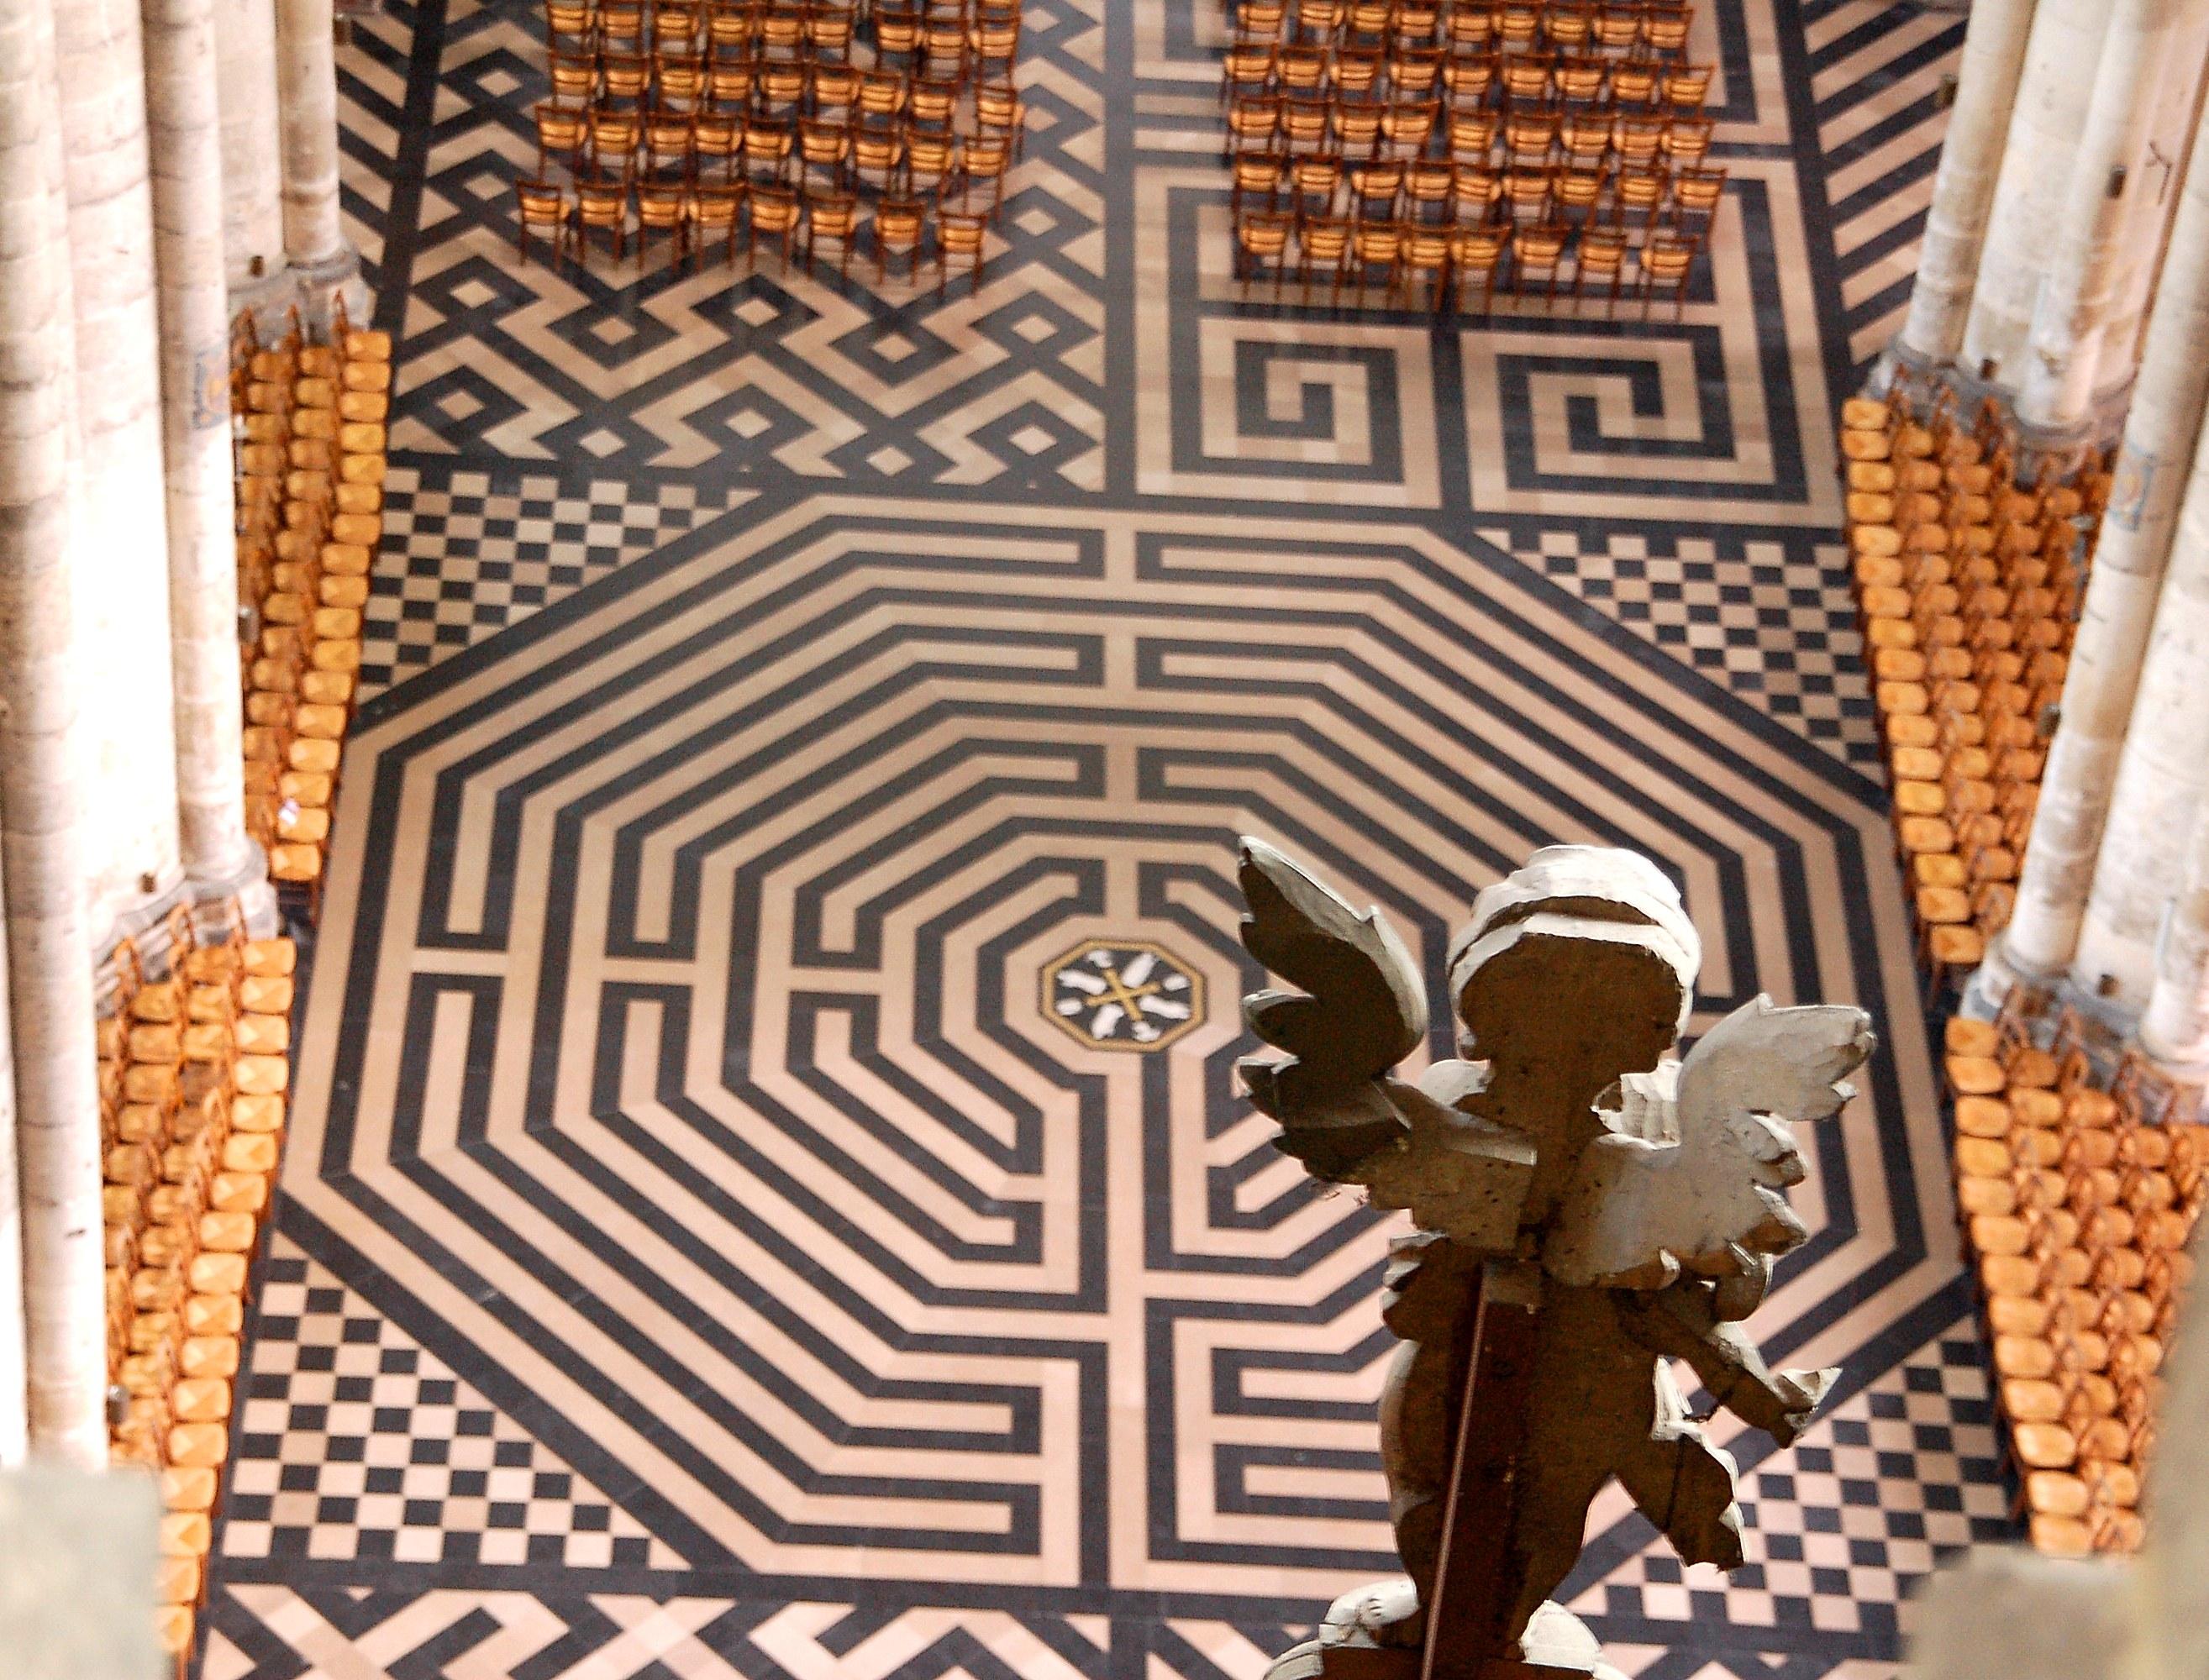 Labyrinthe - Cathédrale d'Amiens - © Samuel Crampon